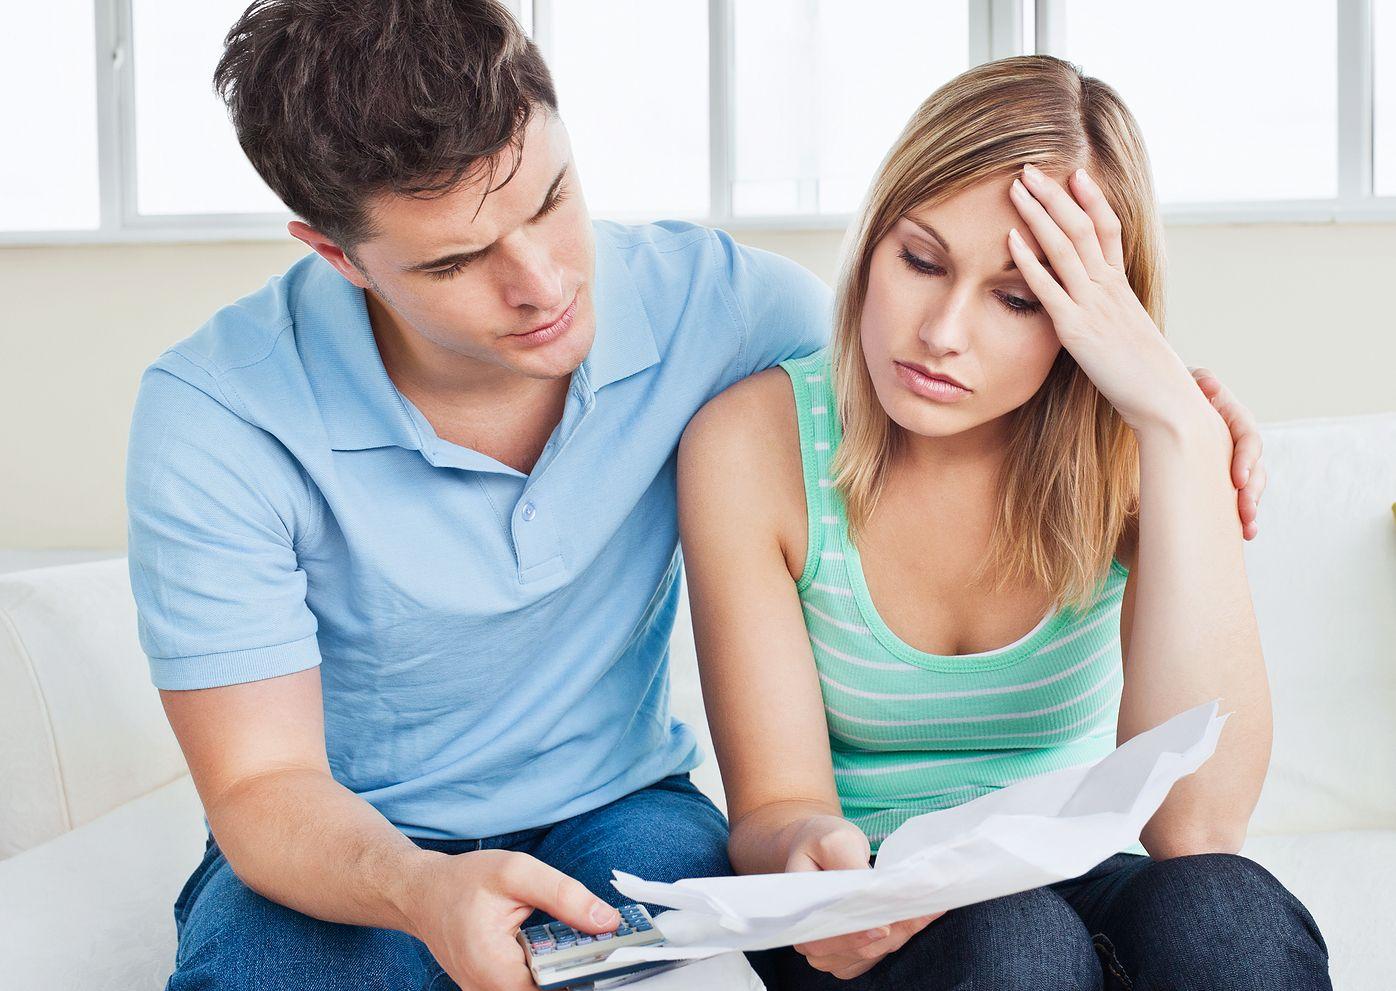 Préstamos Rápidos con Mal Crédito en USA